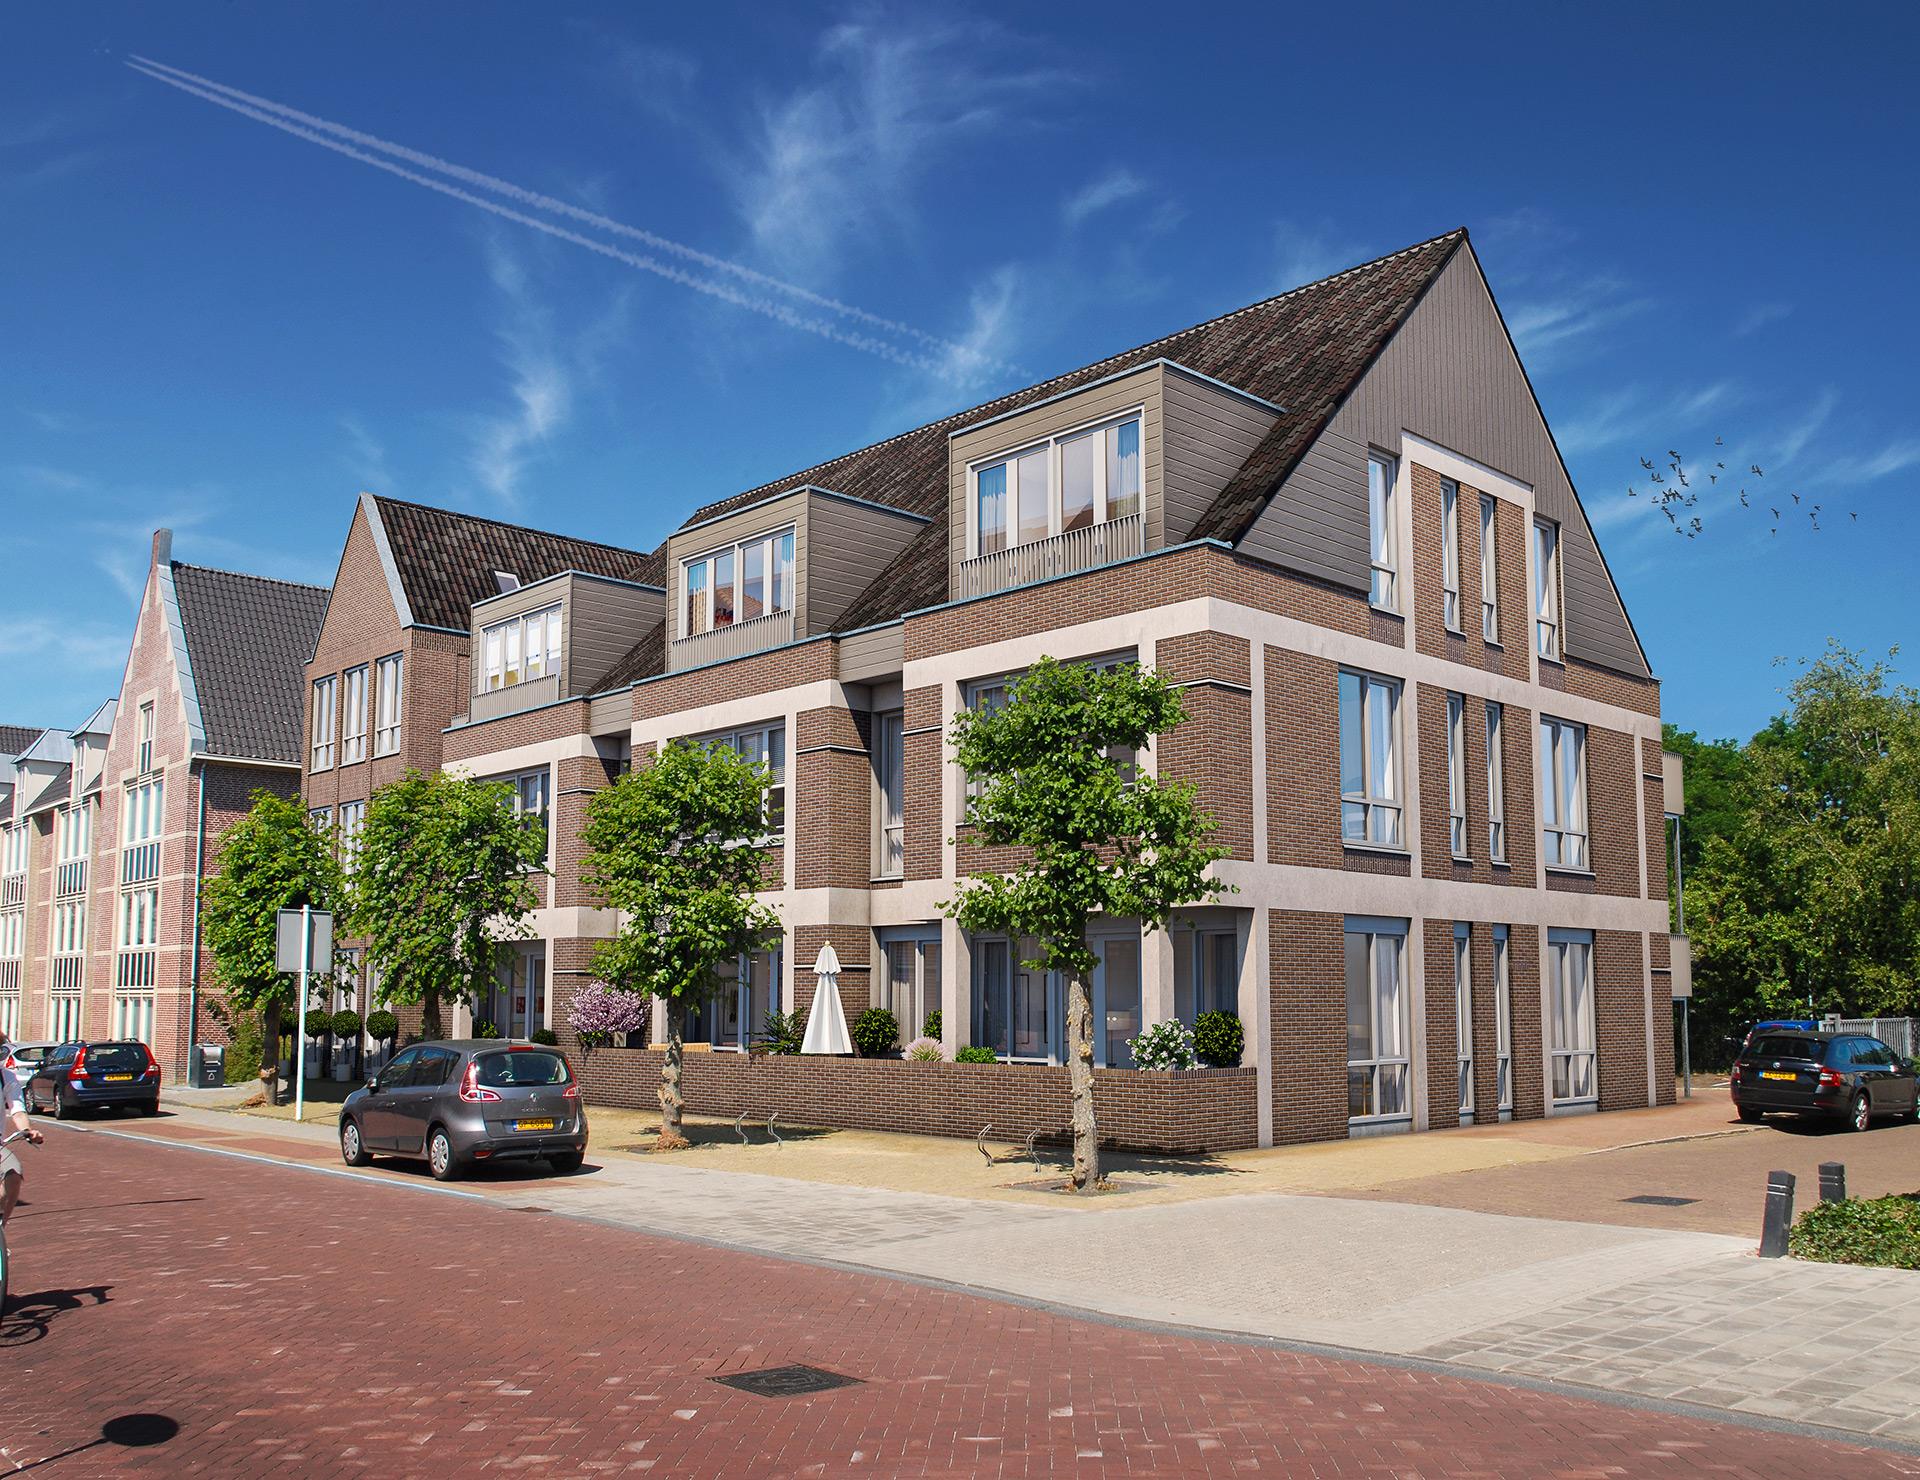 2000688---MultiPlus---De-Bank-Steenwijk---straatbeeld-1---WEB